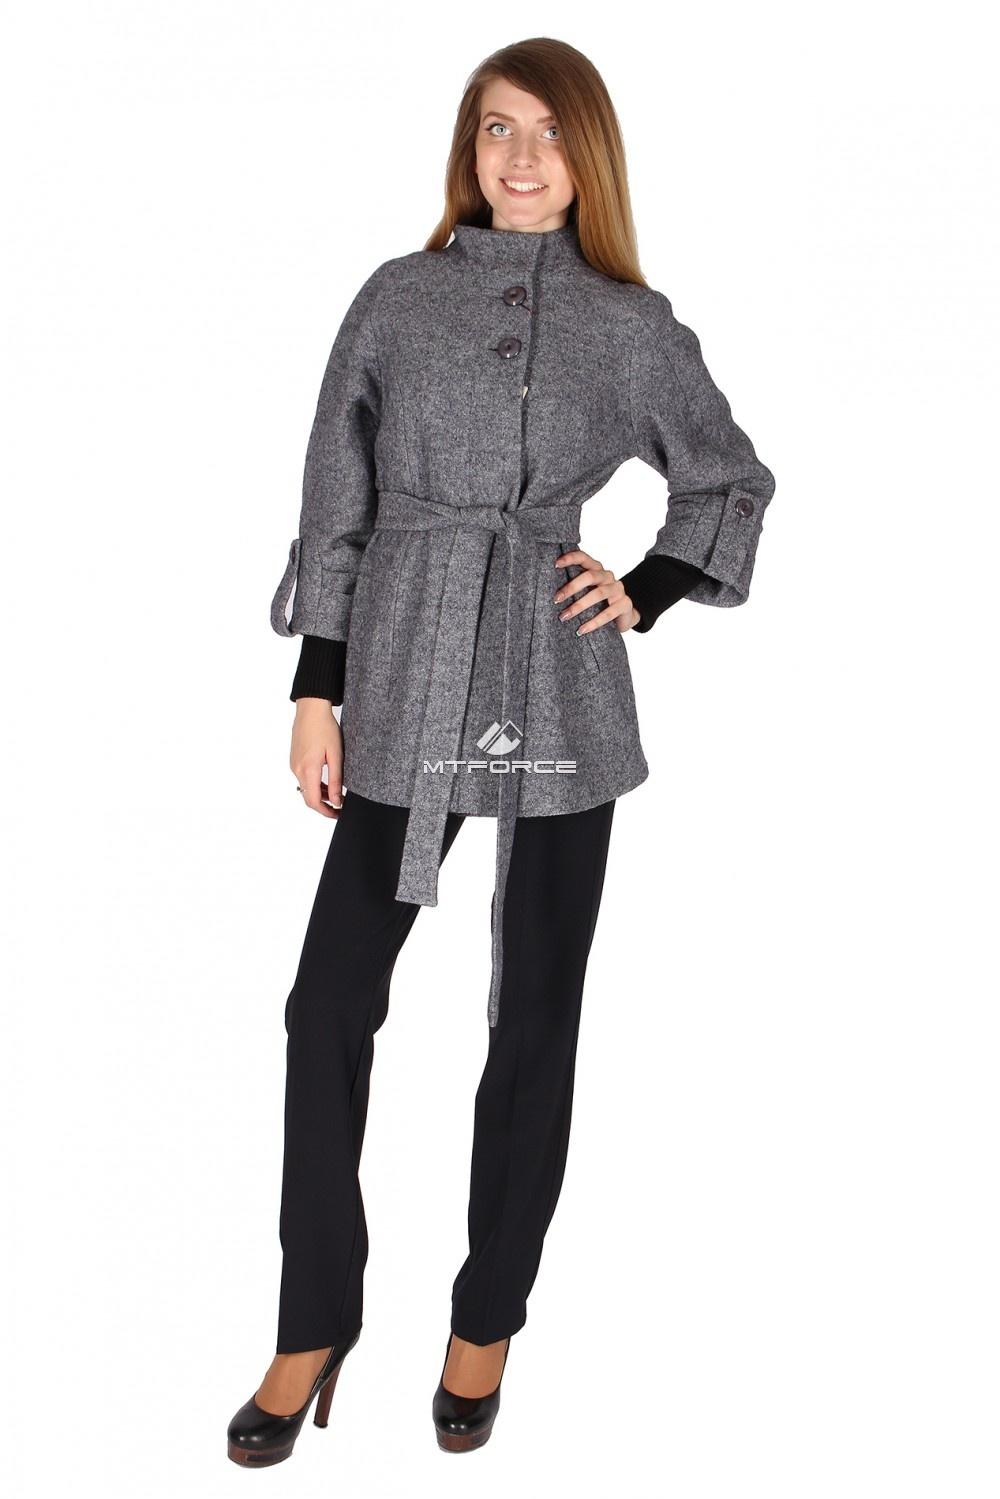 Купить оптом Полупальто женское темно-серого цвета 16300TC в Санкт-Петербурге